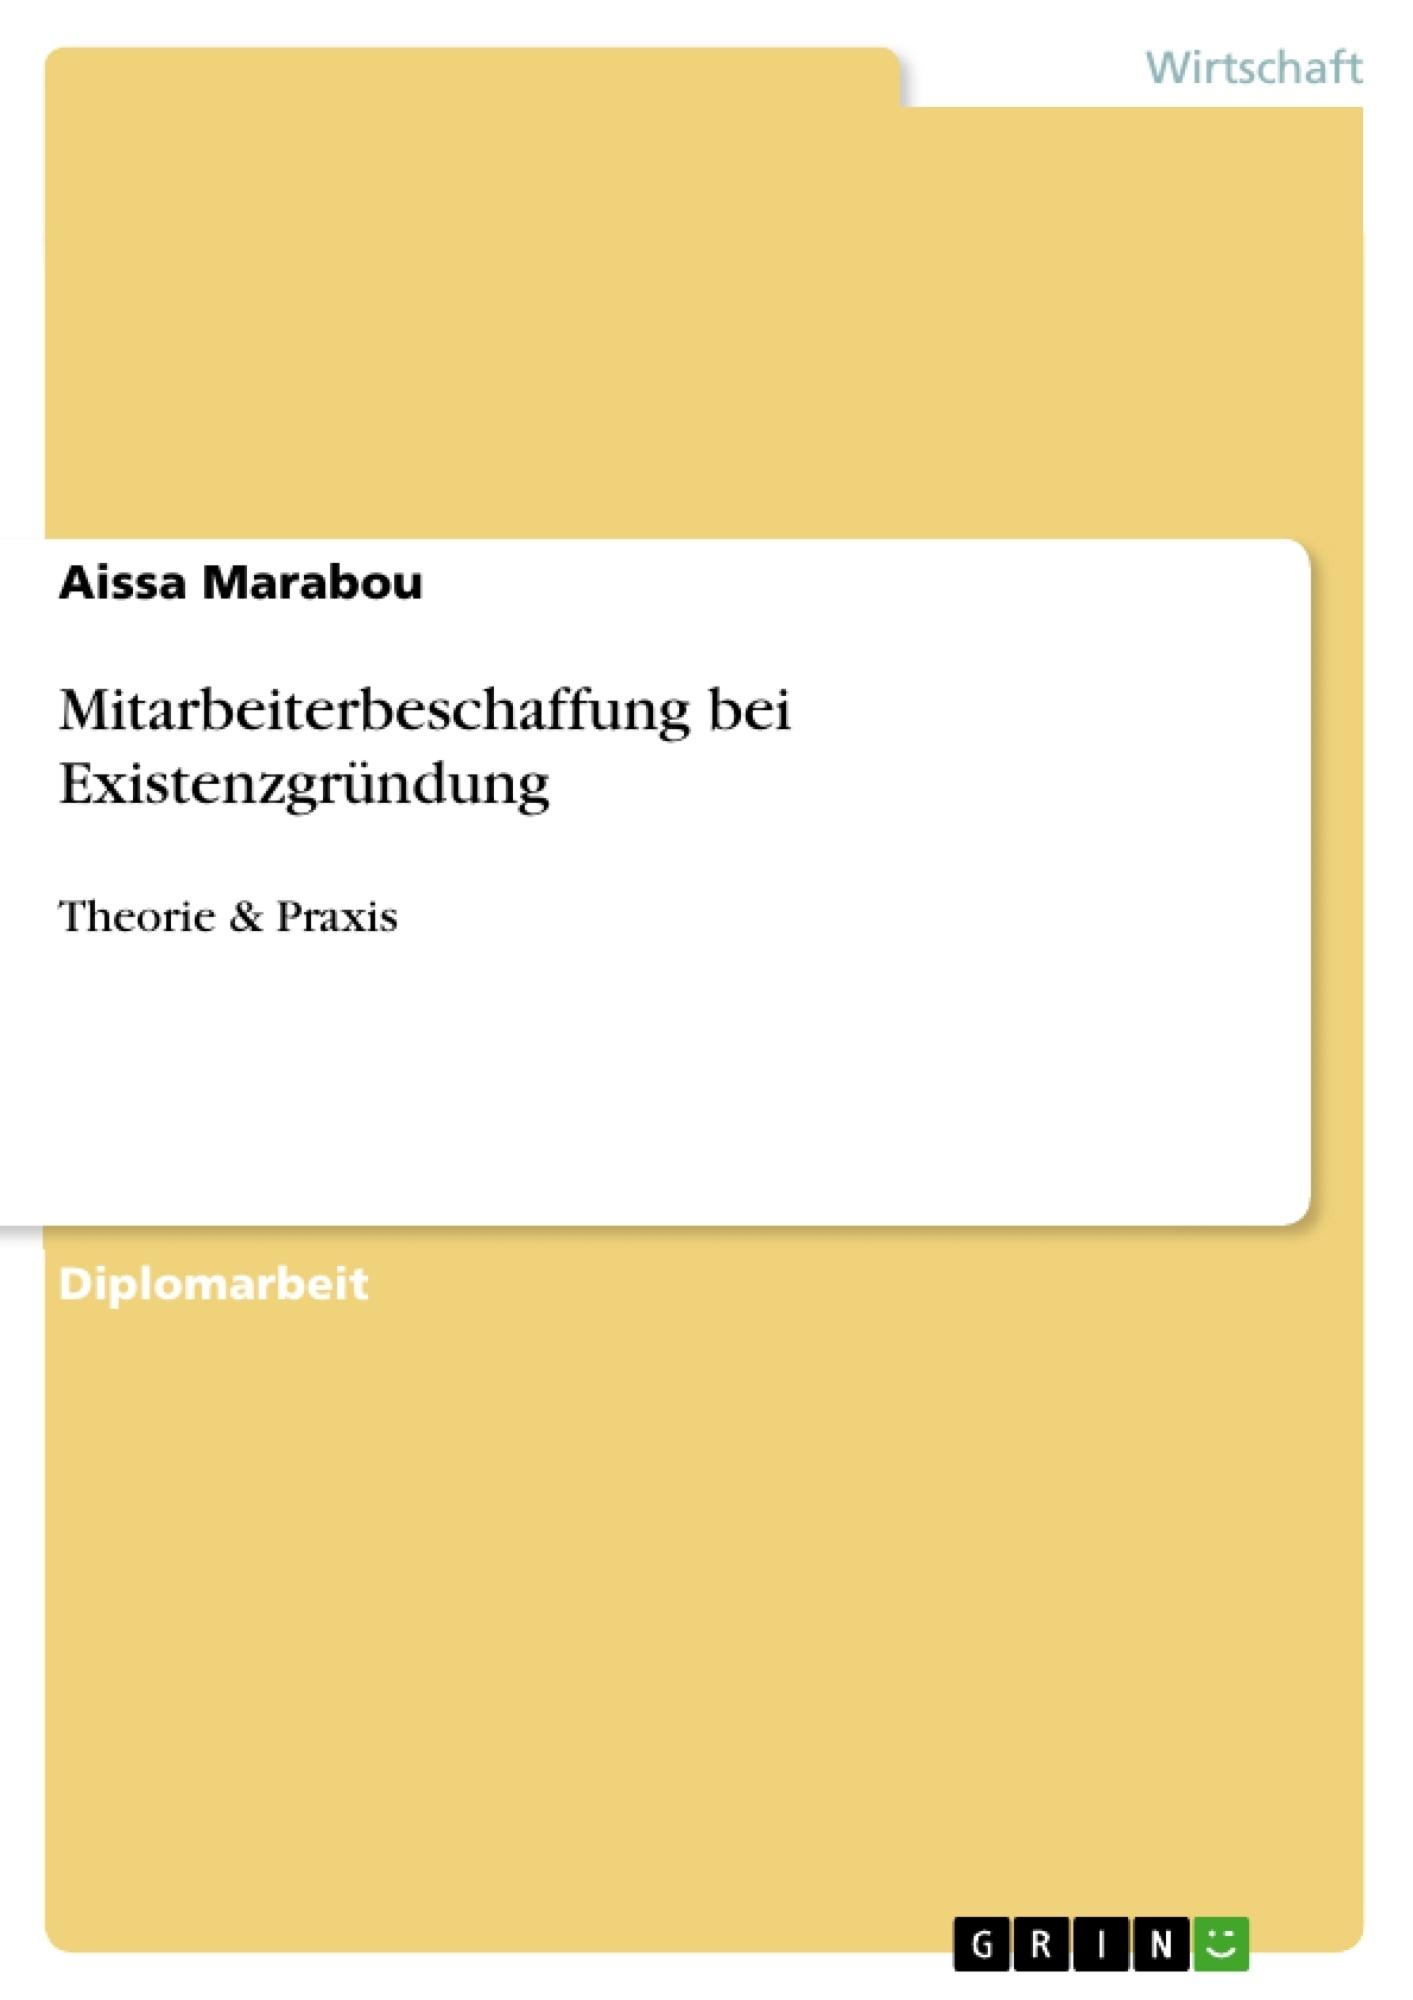 Titel: Mitarbeiterbeschaffung bei Existenzgründung